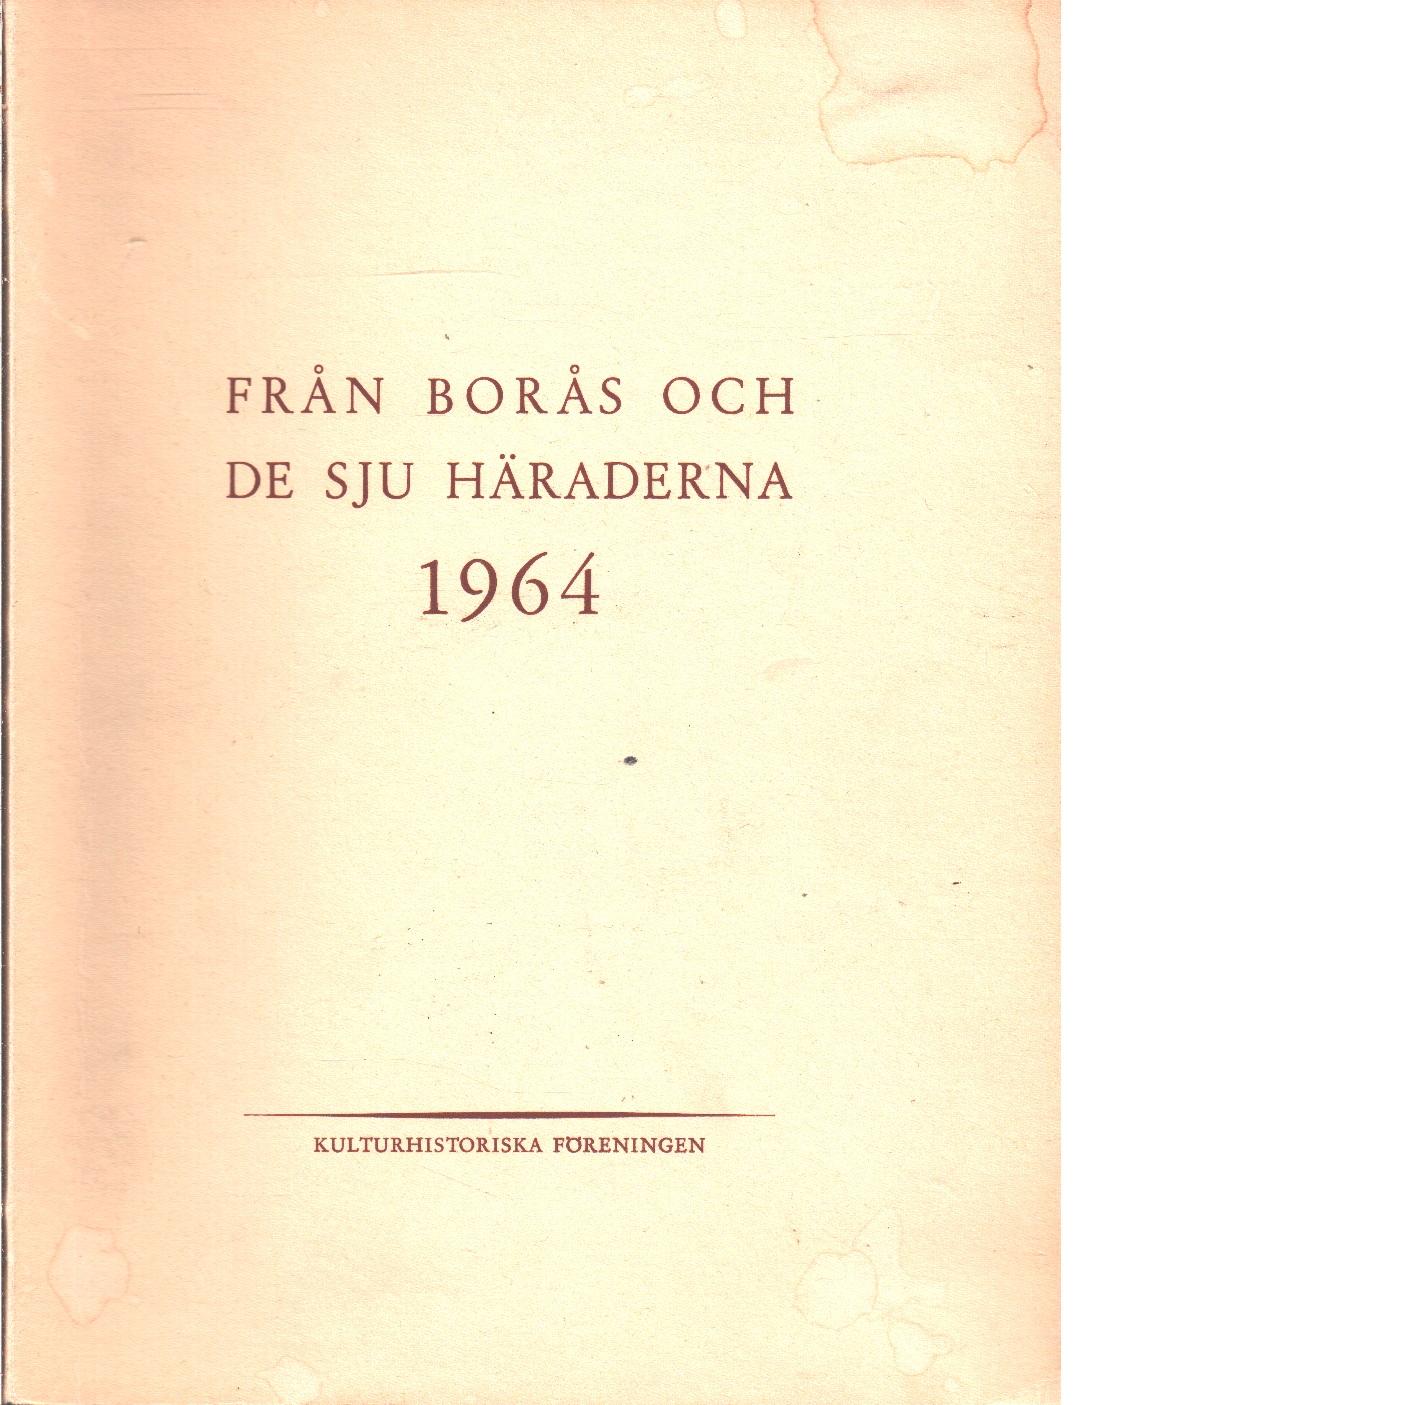 Från Borås och de sju häraderna. 1964 - Red. De sju häradernas kulturhistoriska förening